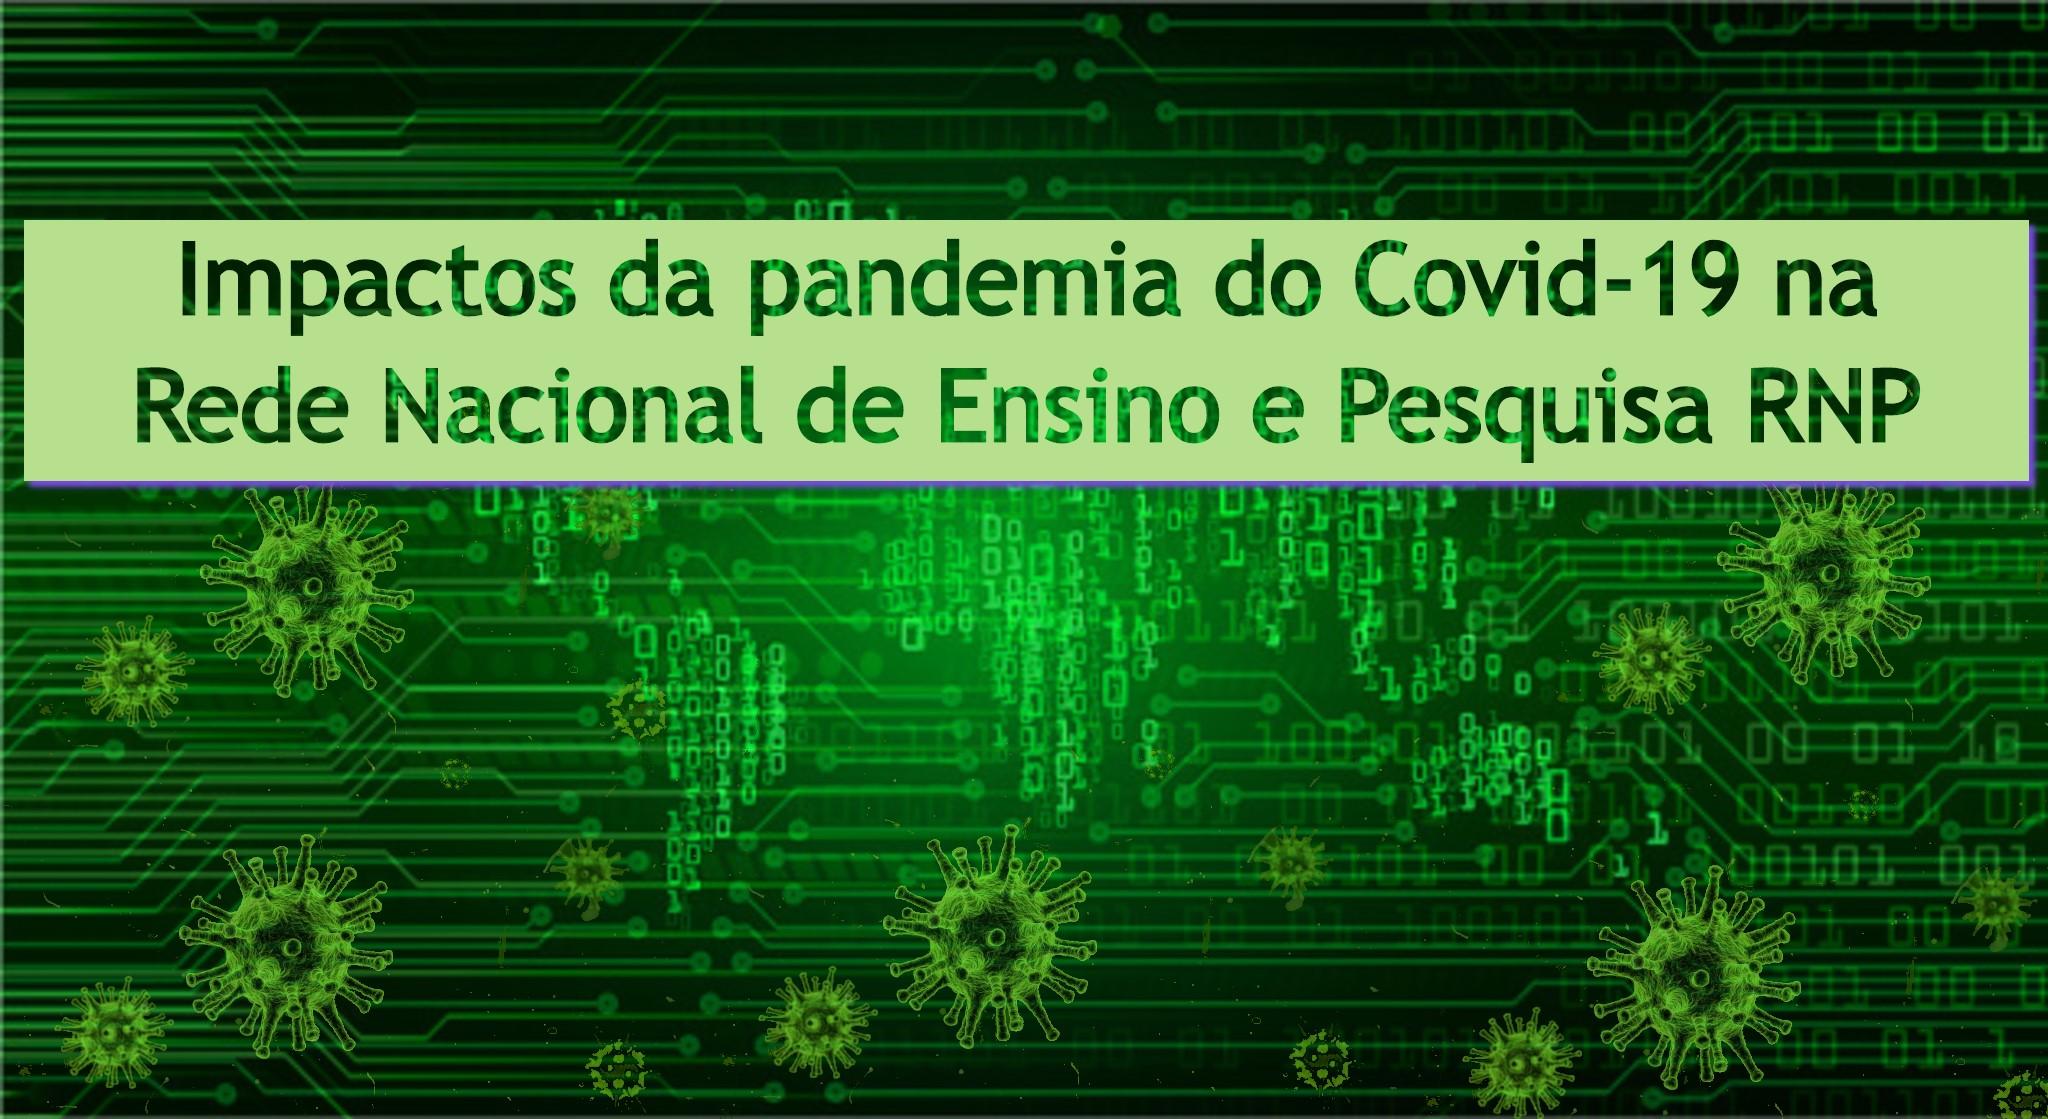 Nota técnica: Os impactos da pandemia da Covid-19 na RNP